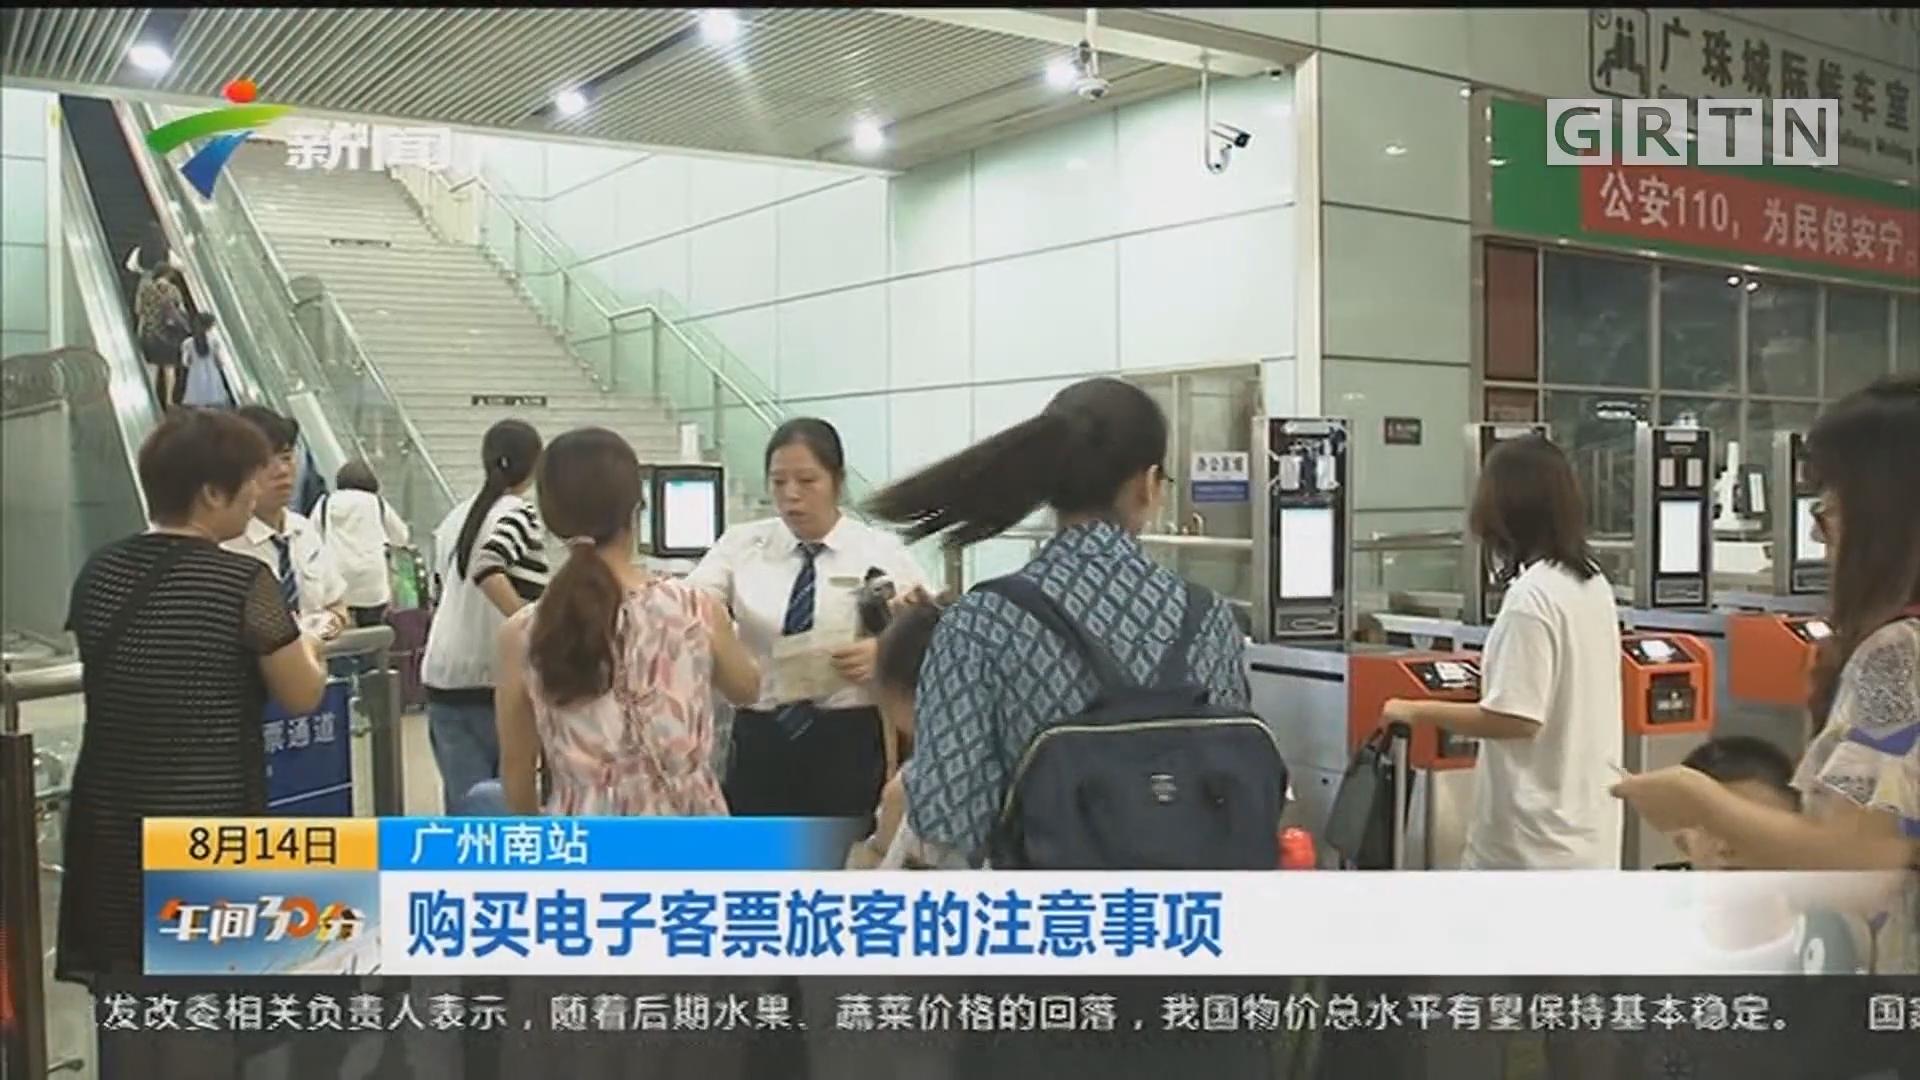 广州南站:购买电子客票旅客的注意事项